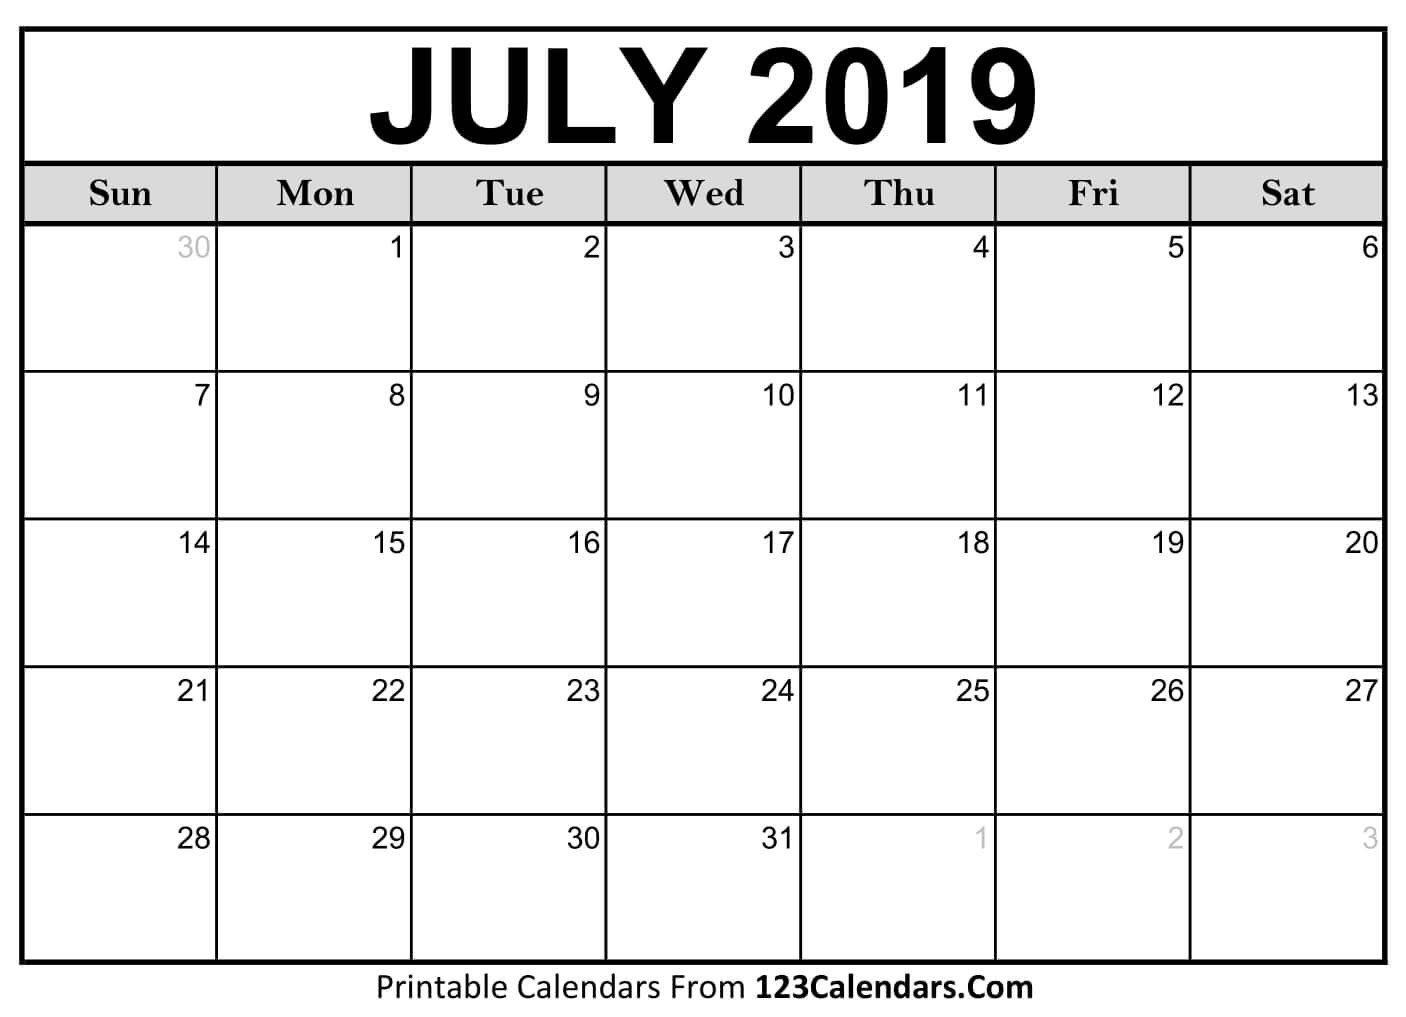 July 2019 Calendar   Otohondalongan July 1 2019 Calendar